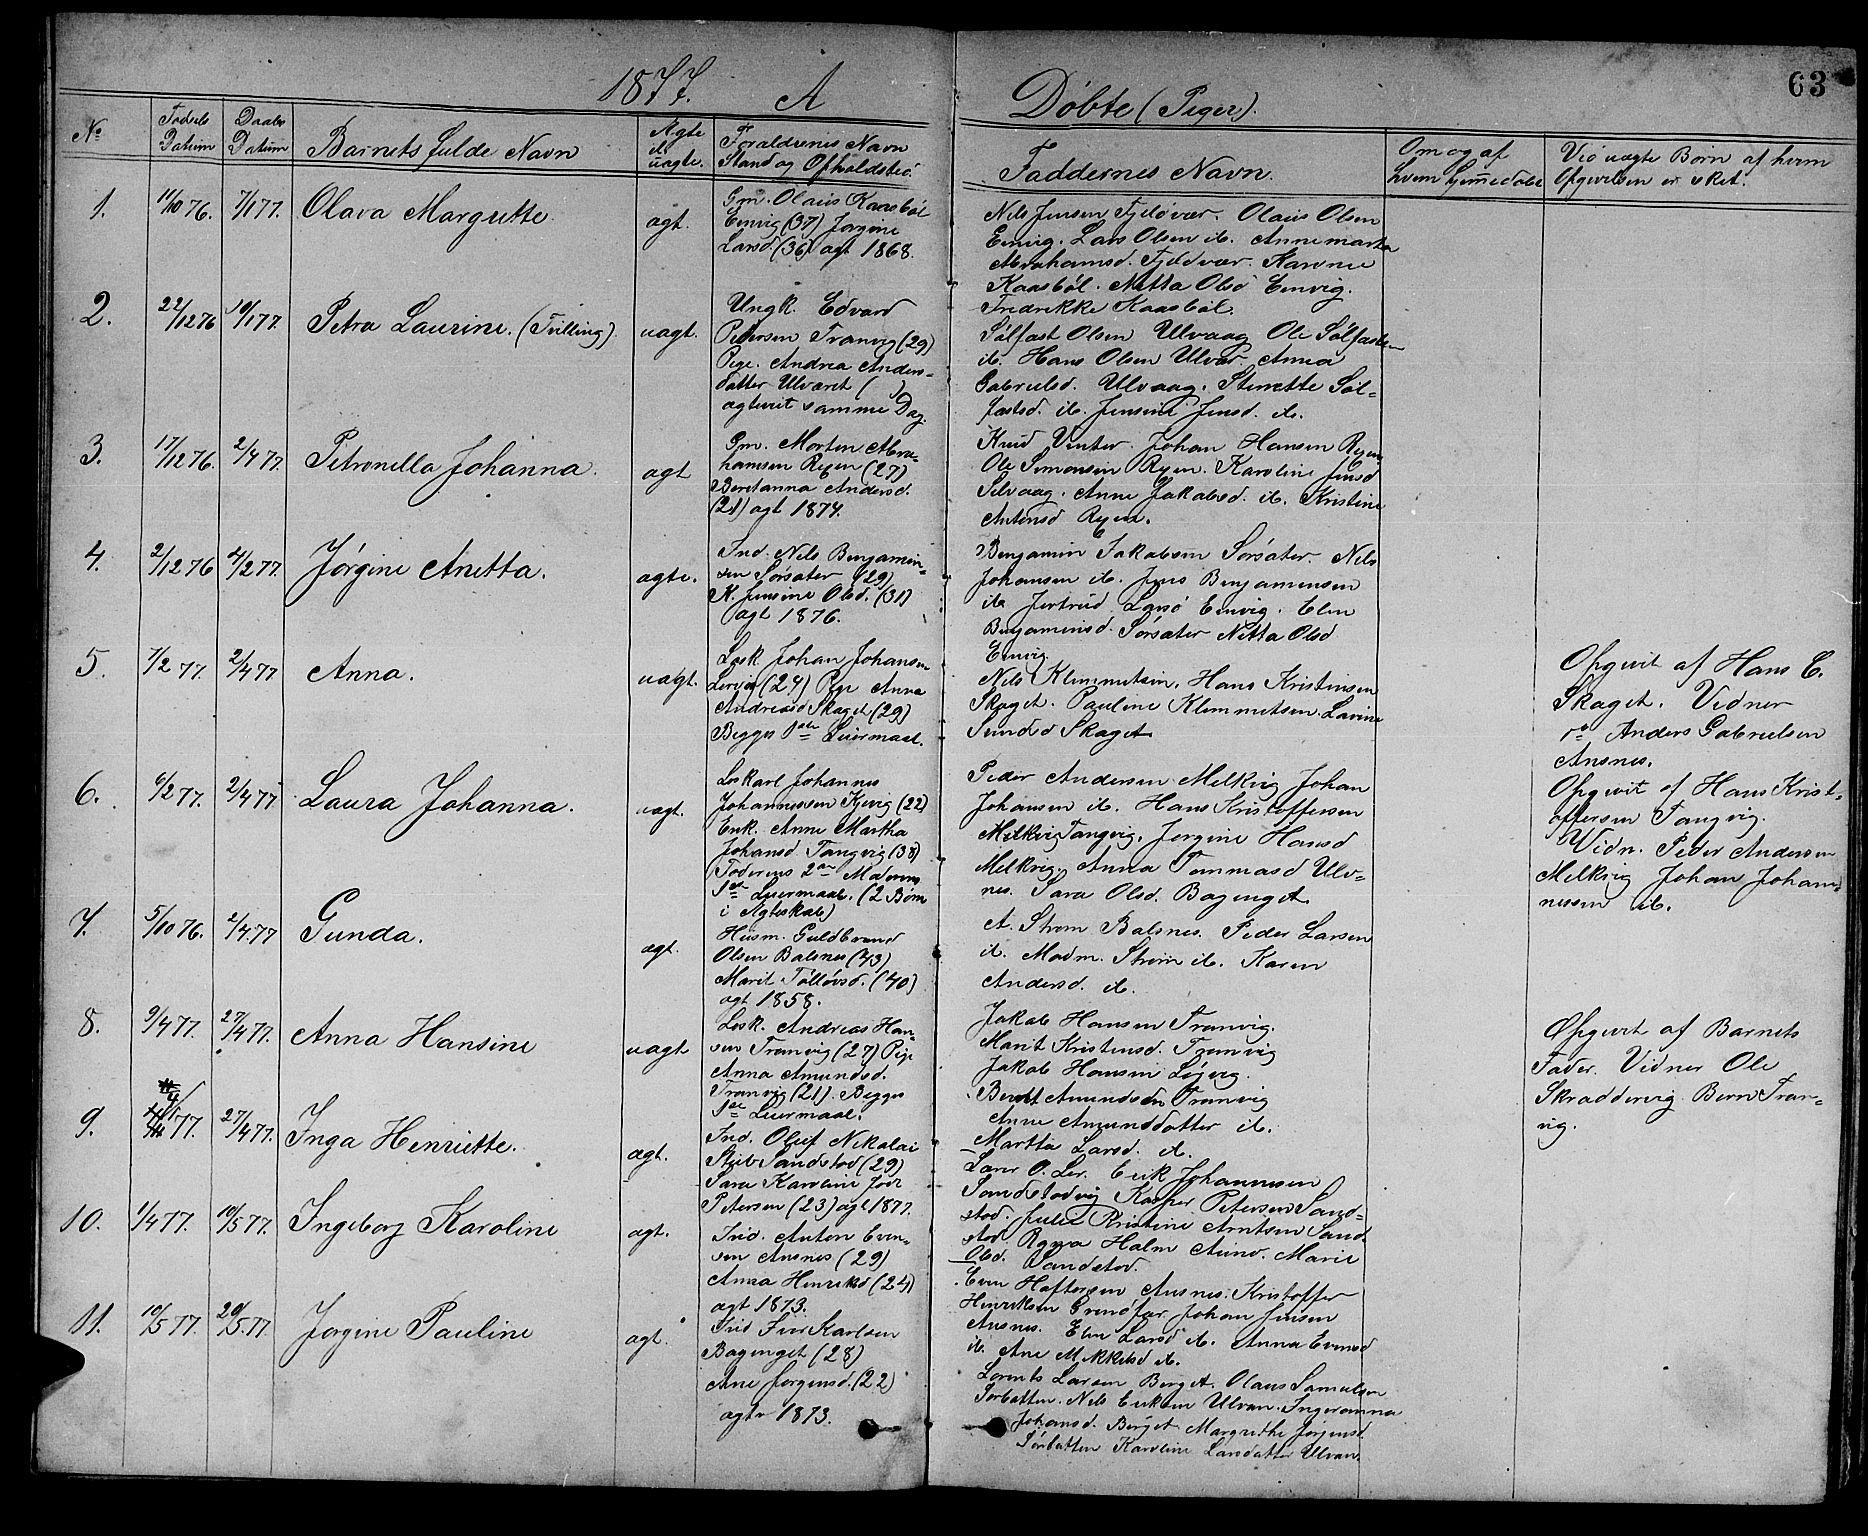 SAT, Ministerialprotokoller, klokkerbøker og fødselsregistre - Sør-Trøndelag, 637/L0561: Klokkerbok nr. 637C02, 1873-1882, s. 63